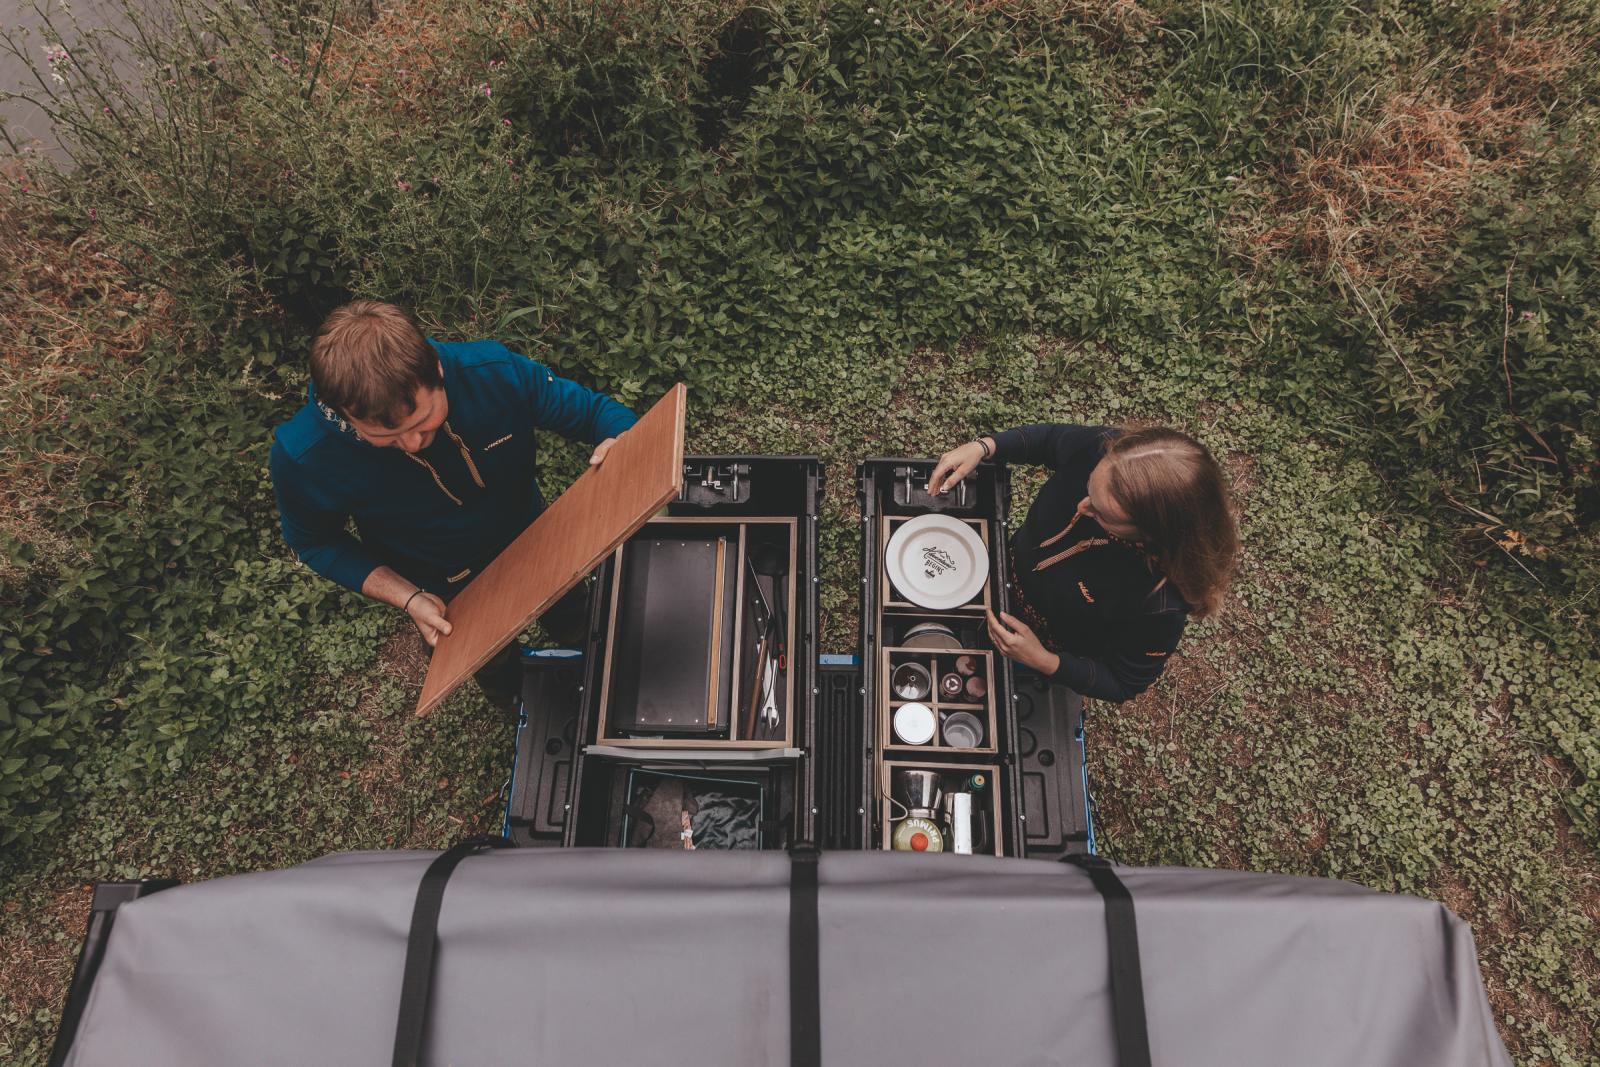 Praktisch und geräumig sind die Schubladen. Mit den Holzkisten sind sie schnell be- und entladen.